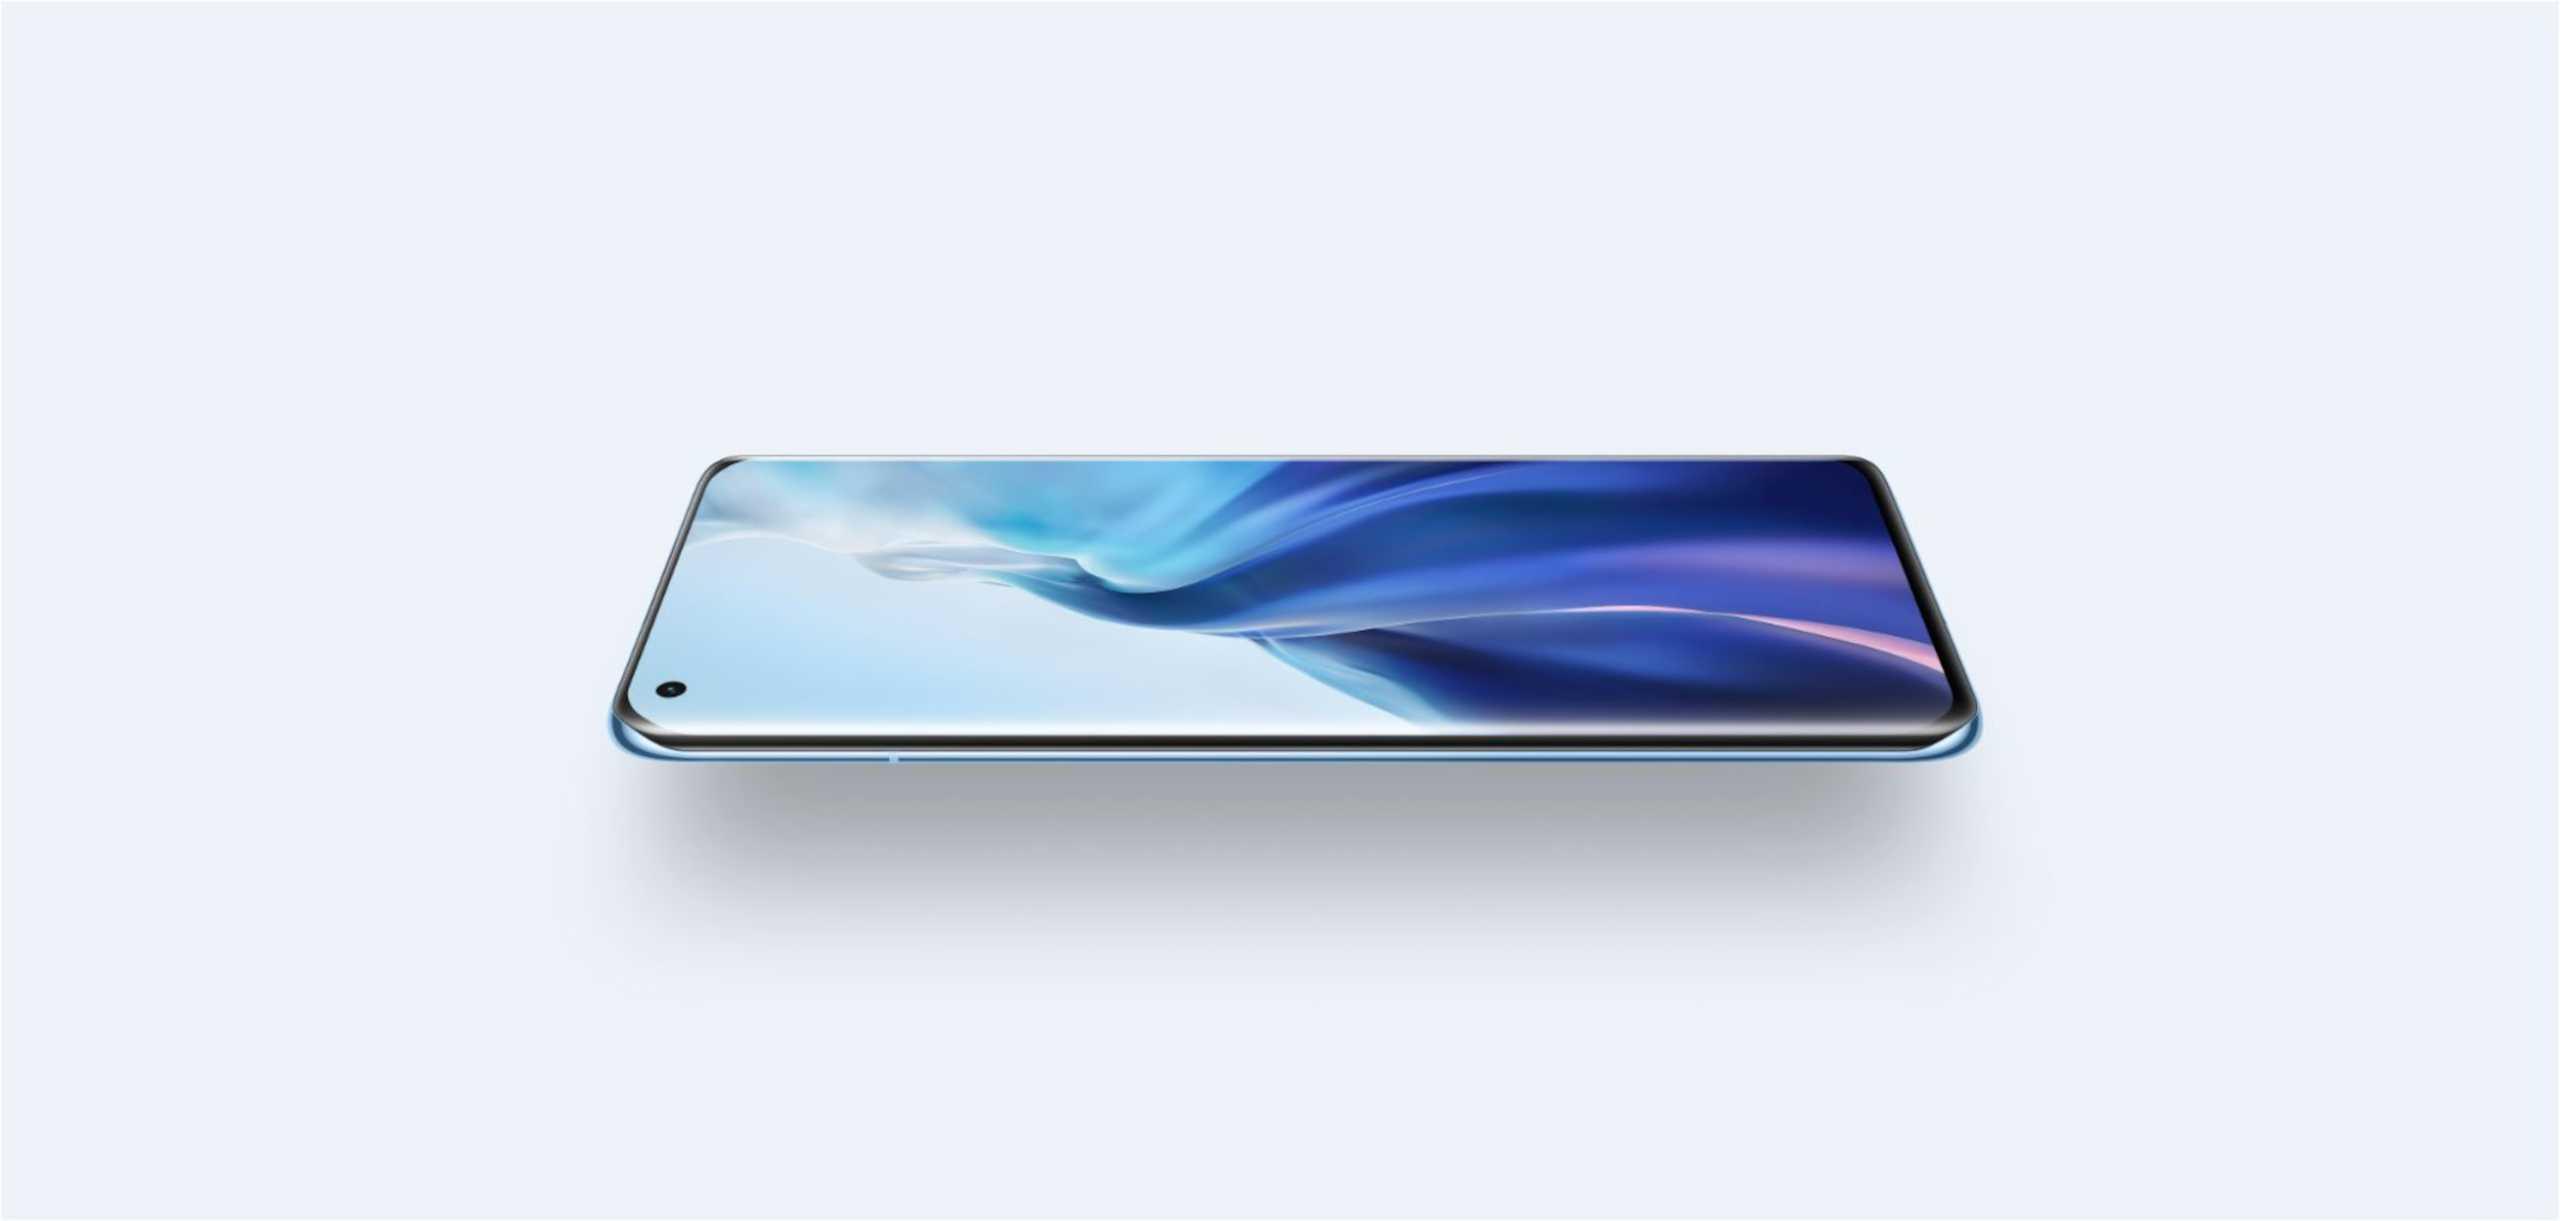 Έρχεται στην Ελλάδα το Xiaomi Mi 11 με κάμερα 108 MP (video)